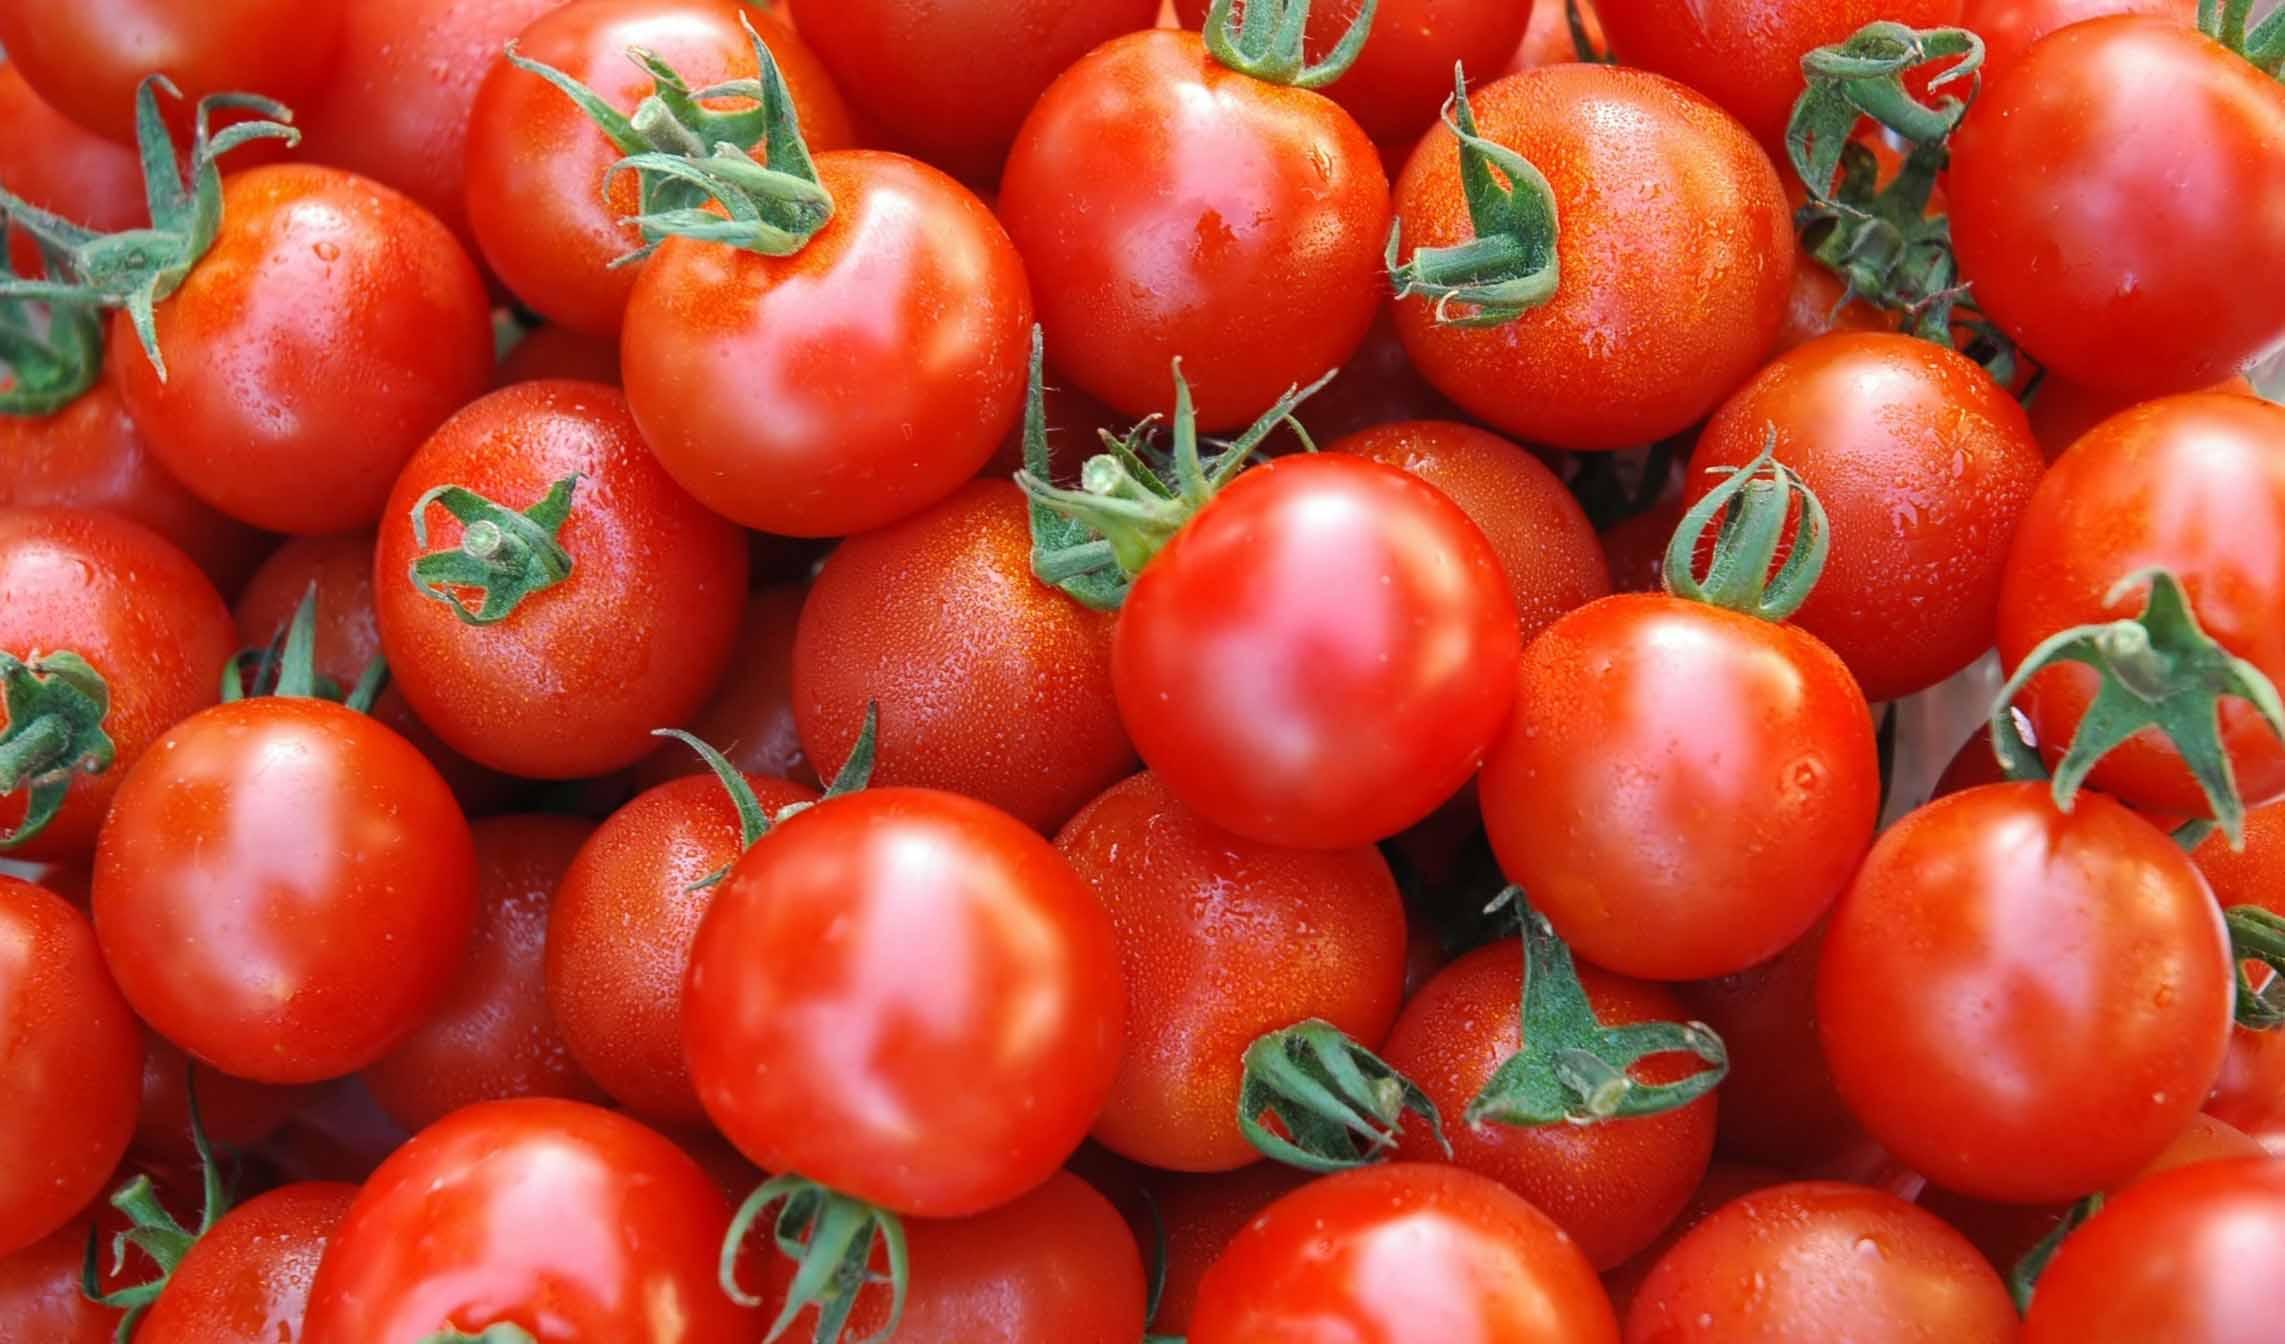 محصولات کشاورزی در بورس بالاترین رکورد فروش را از آن خود کرد